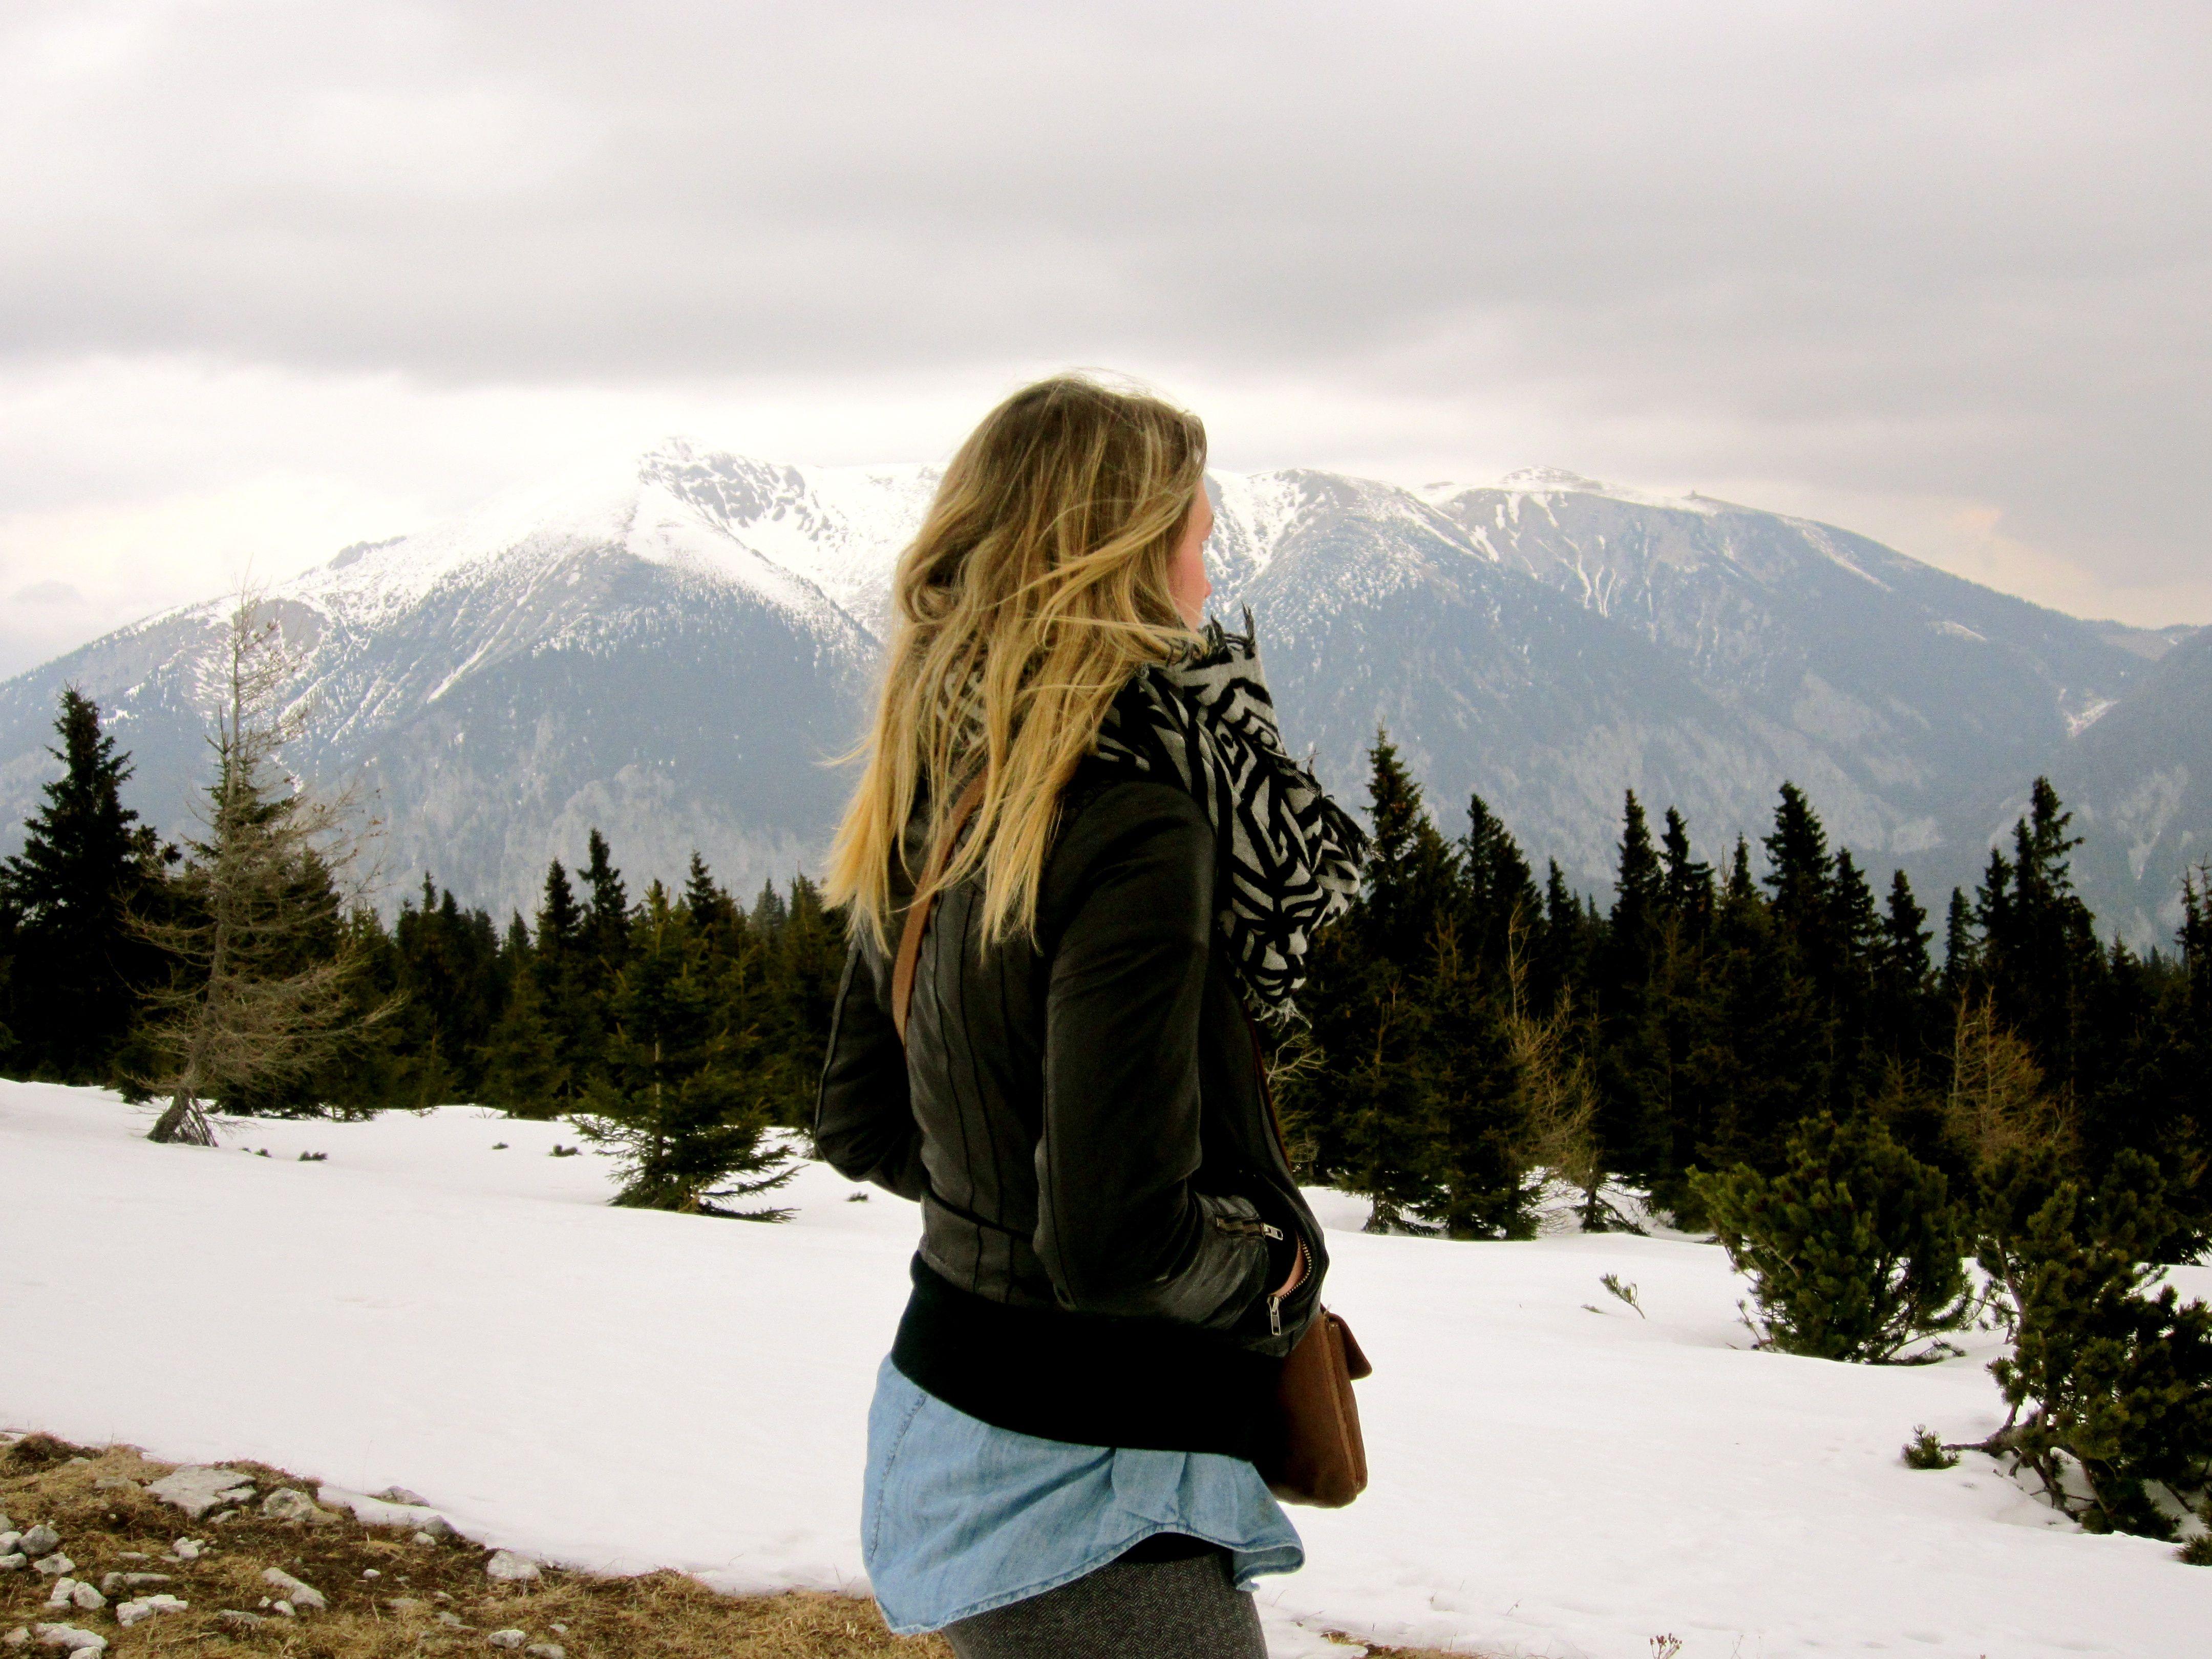 #mountains #austria